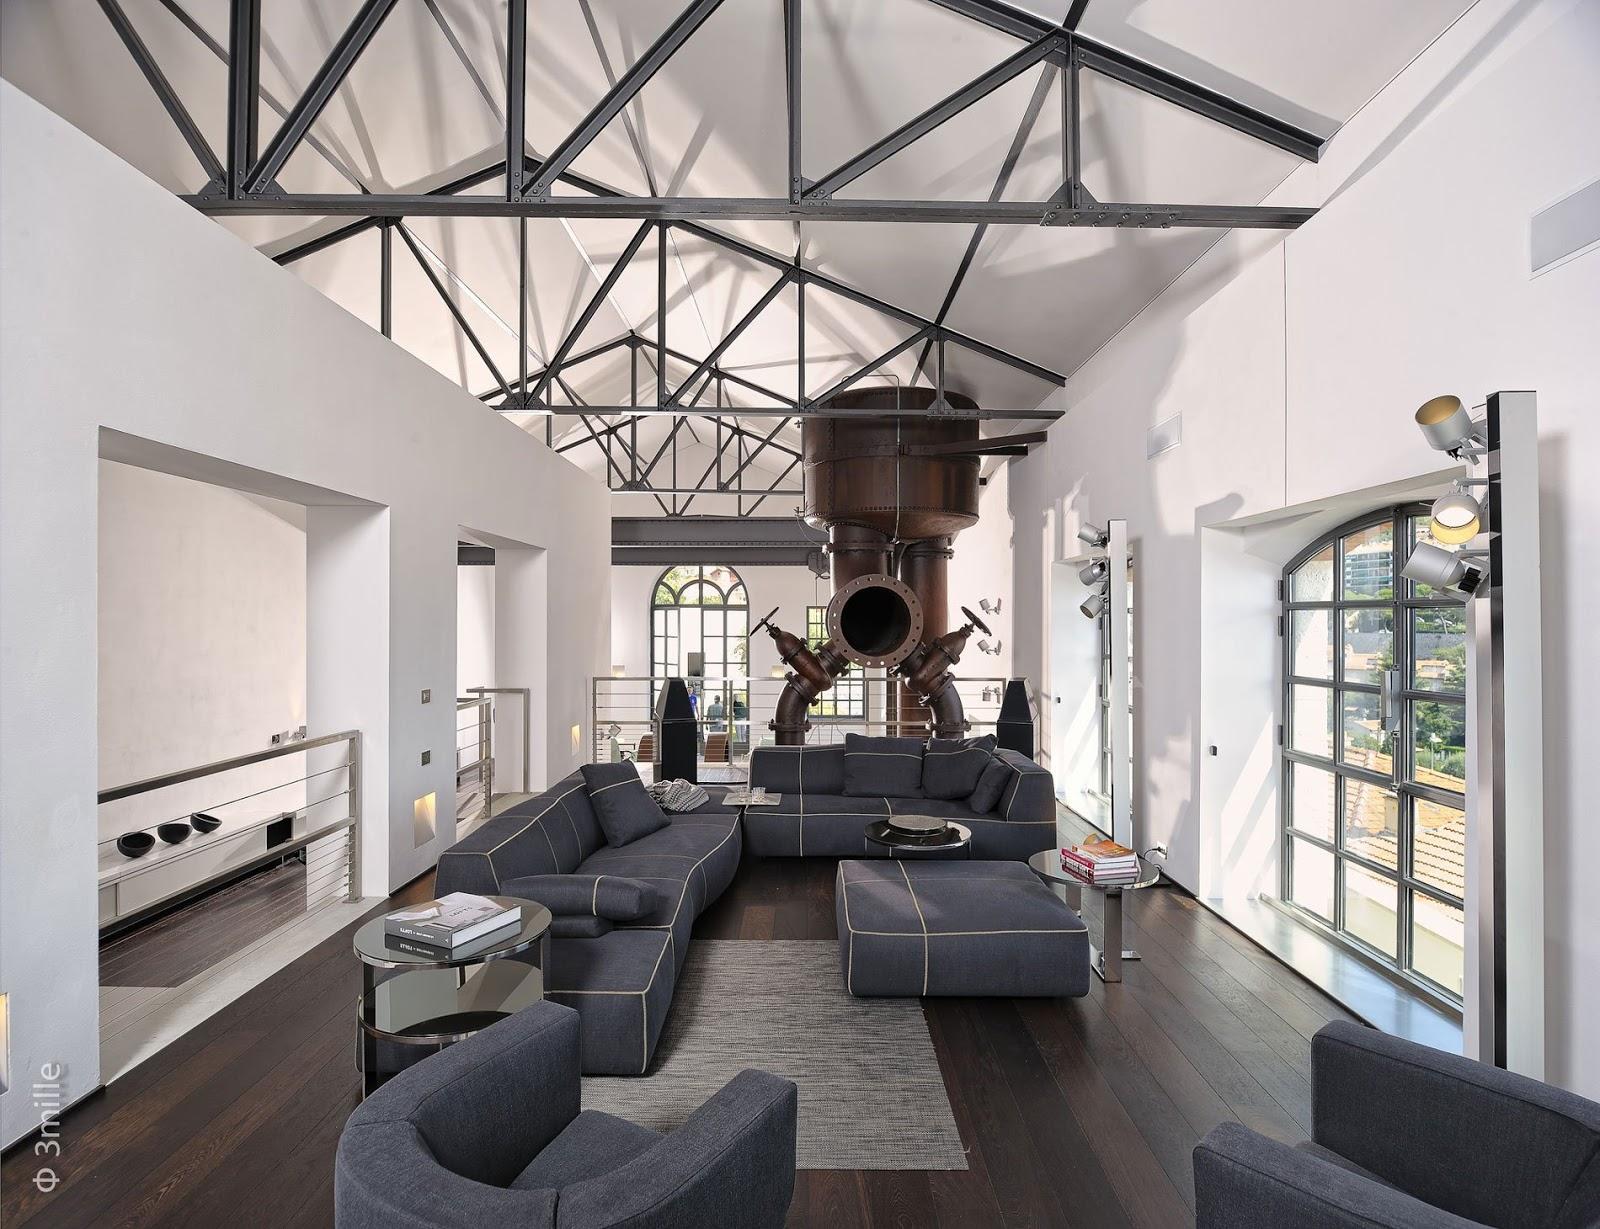 Wie Es Auch Zu Hause Wohl Fhlen Und Gste In Unserem Haus Hier Prsentieren Wir Referenz Inspiration Elegante Minimalist Wohnzimmer Innenraum